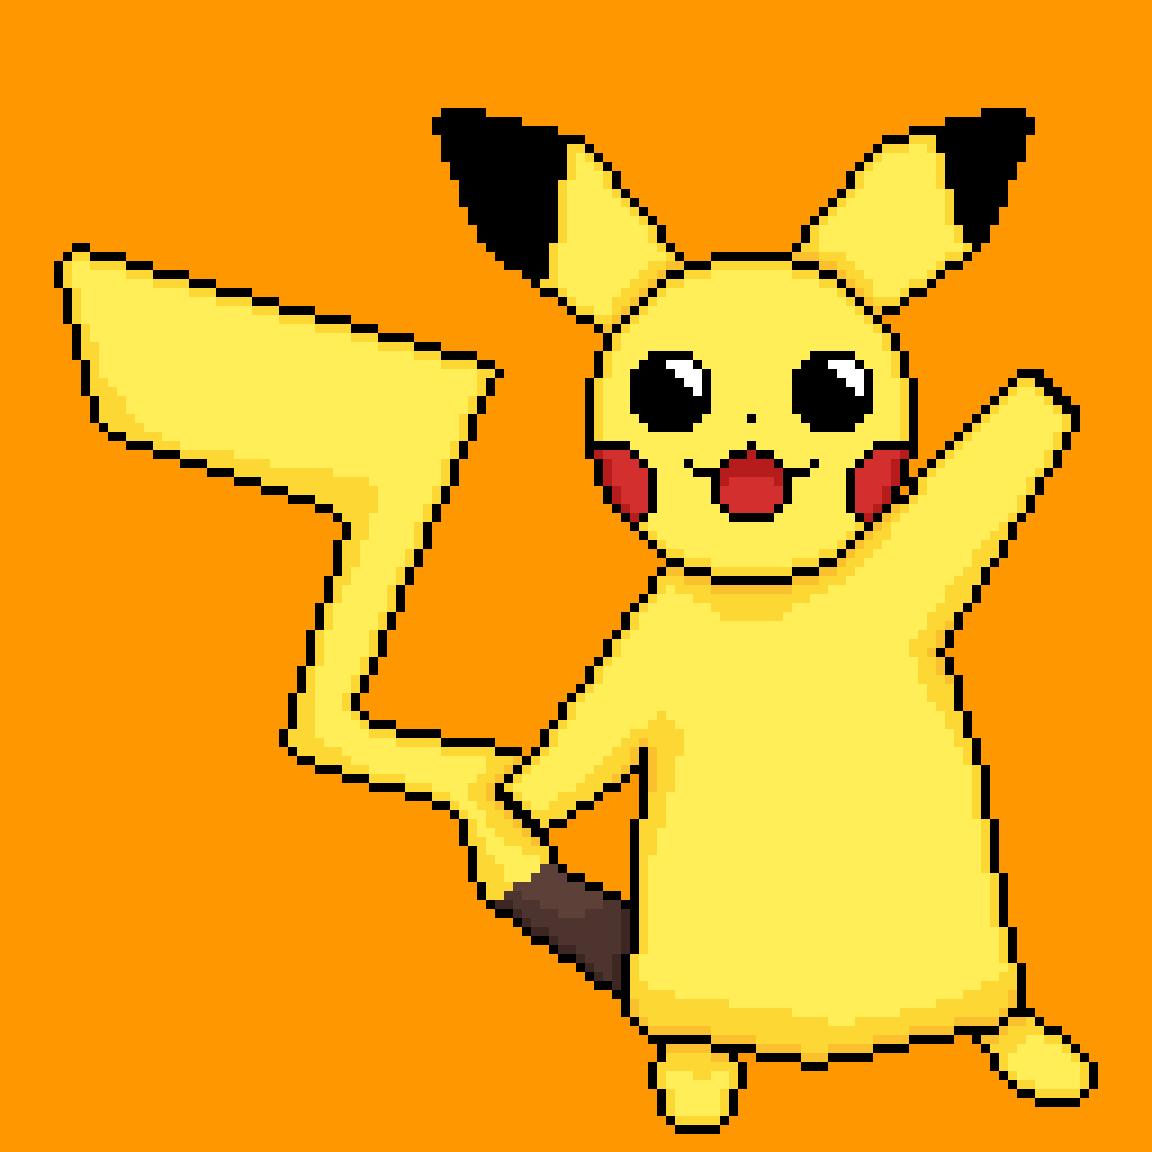 Pikachu by WenWanTin